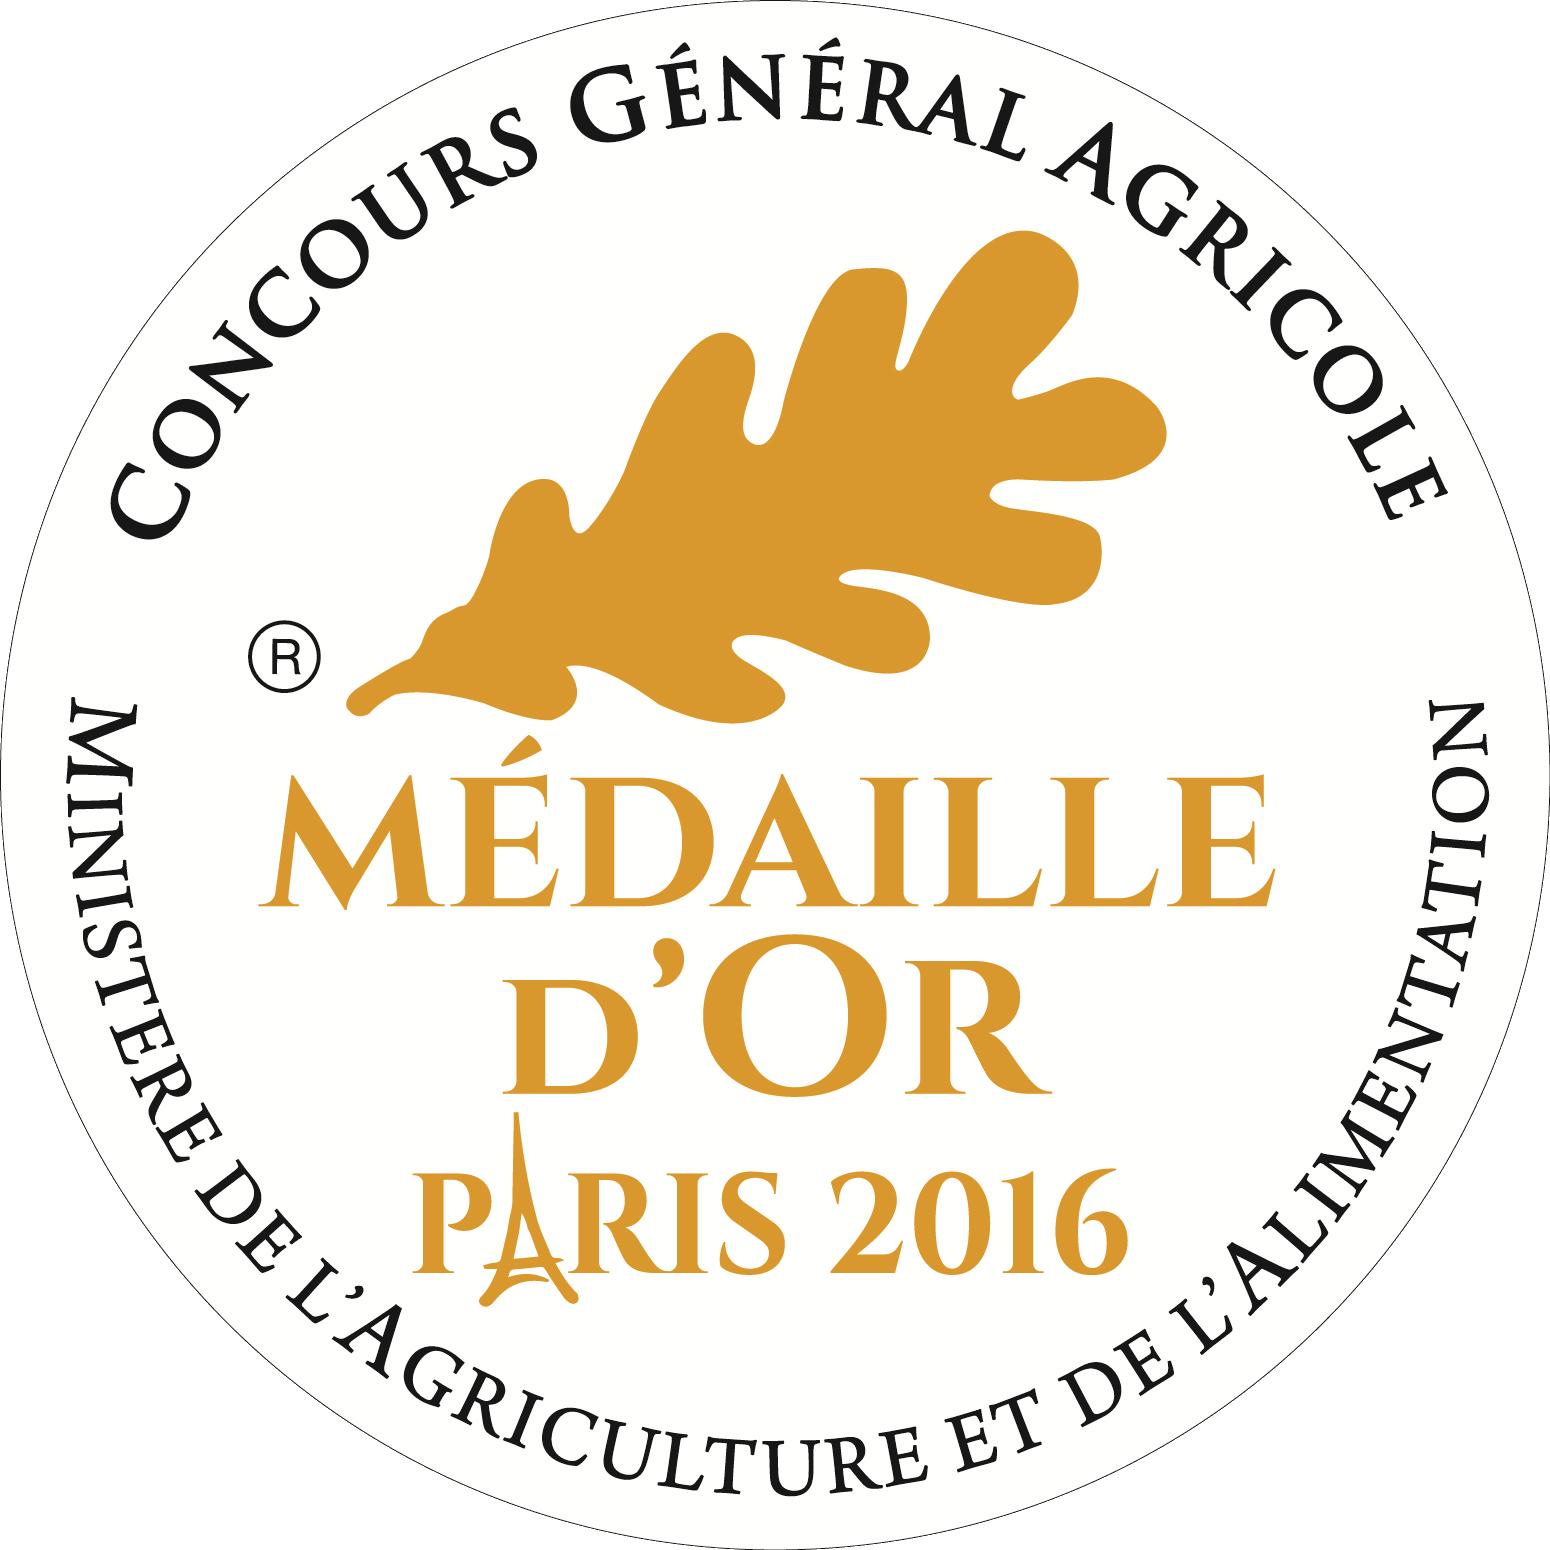 Médaille d'Or au Concours Général Agricole 2016 à Paris